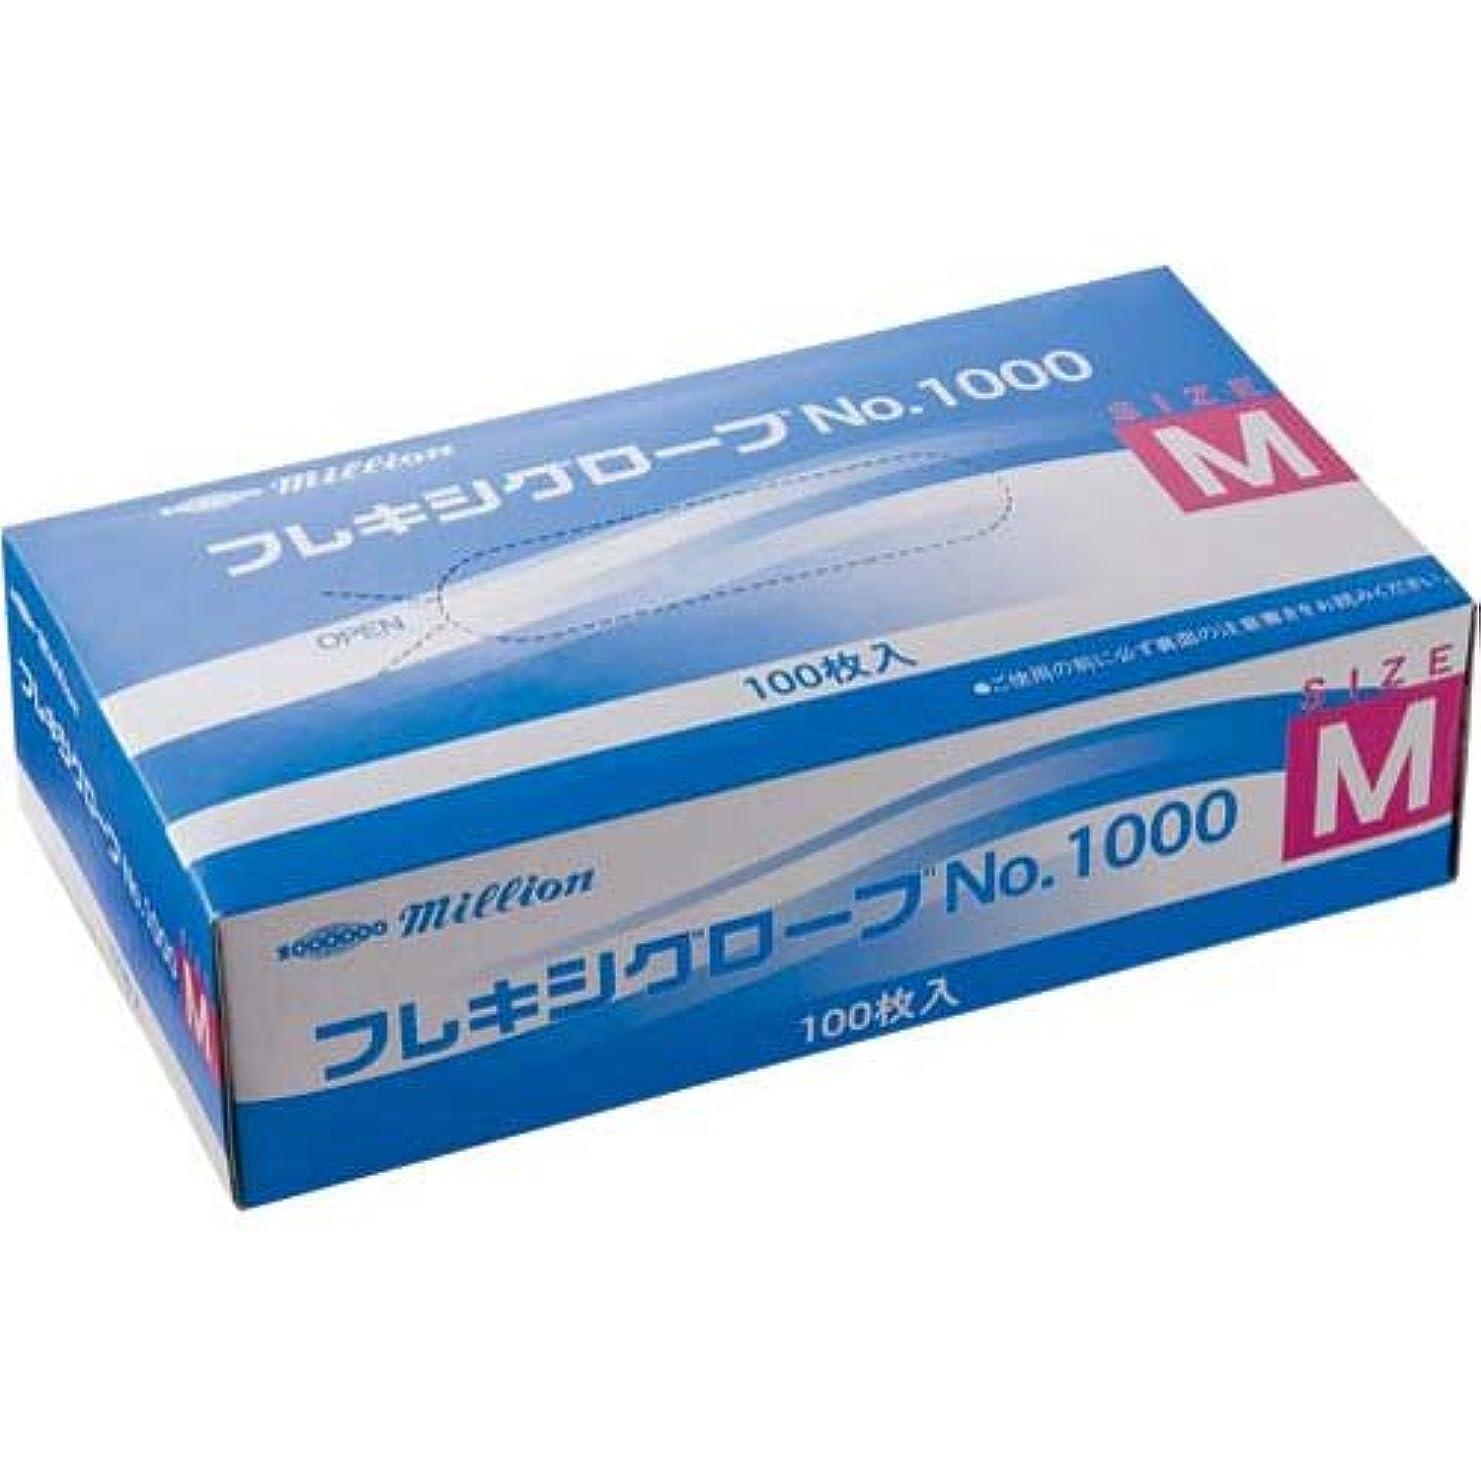 造船数値共和 プラスチック手袋 粉付 No.1000 M 10箱